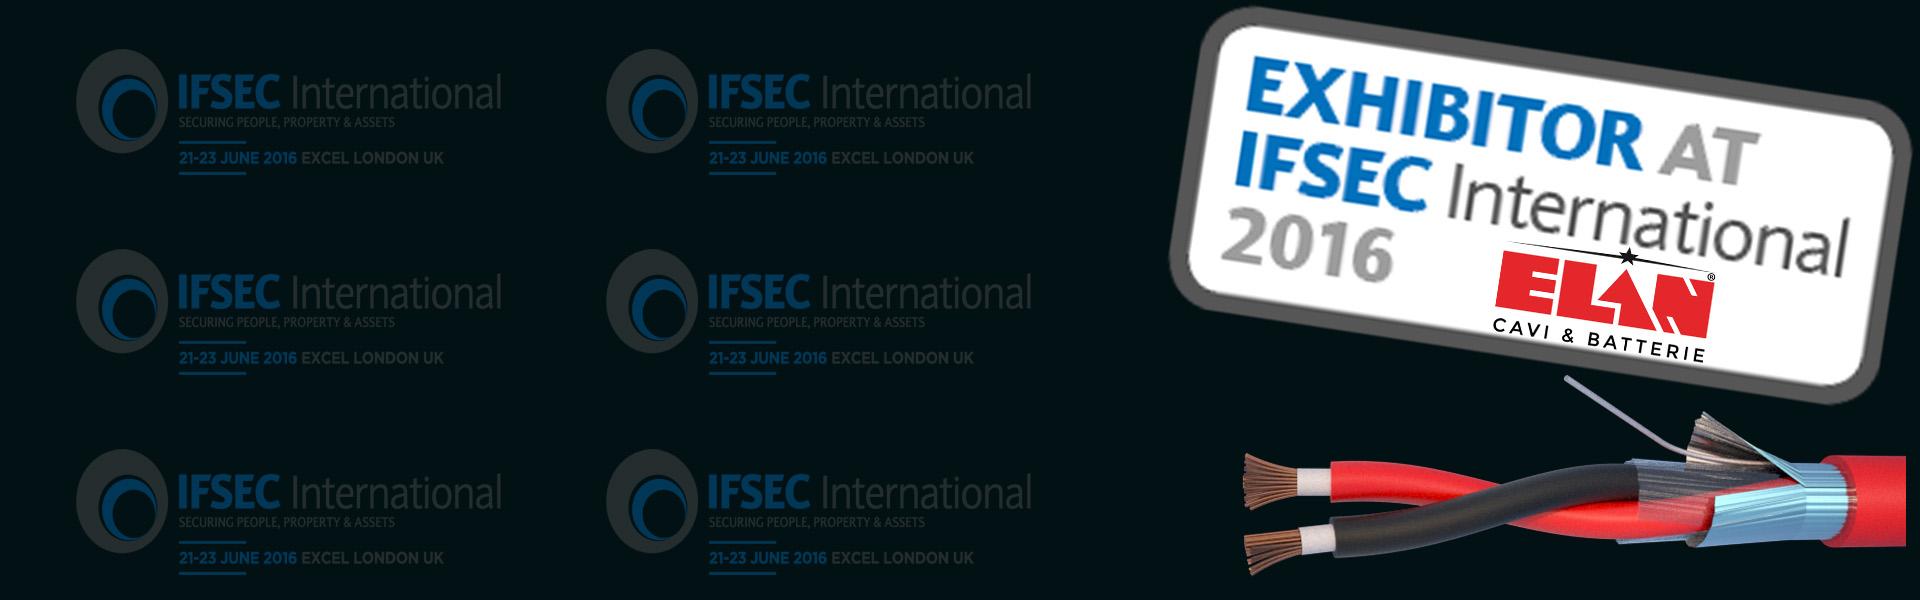 slide-ifsec-2016